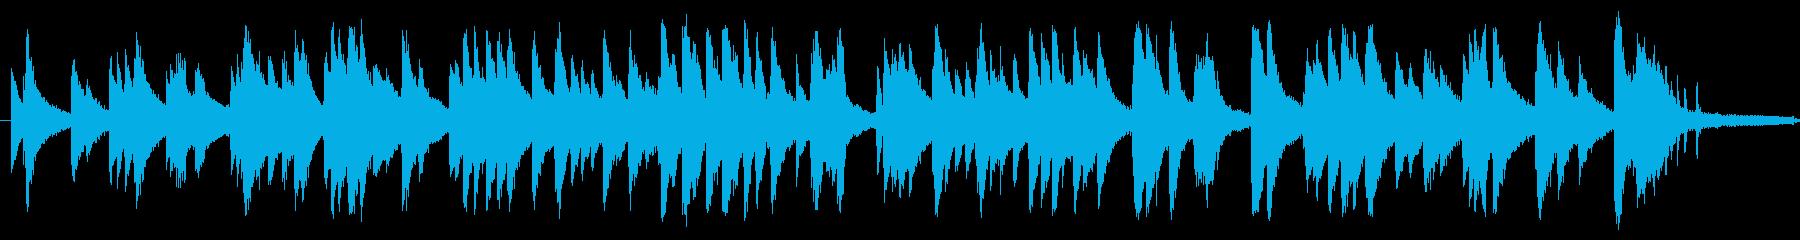 ジャズ風のしっとりとしたピアノソロの再生済みの波形